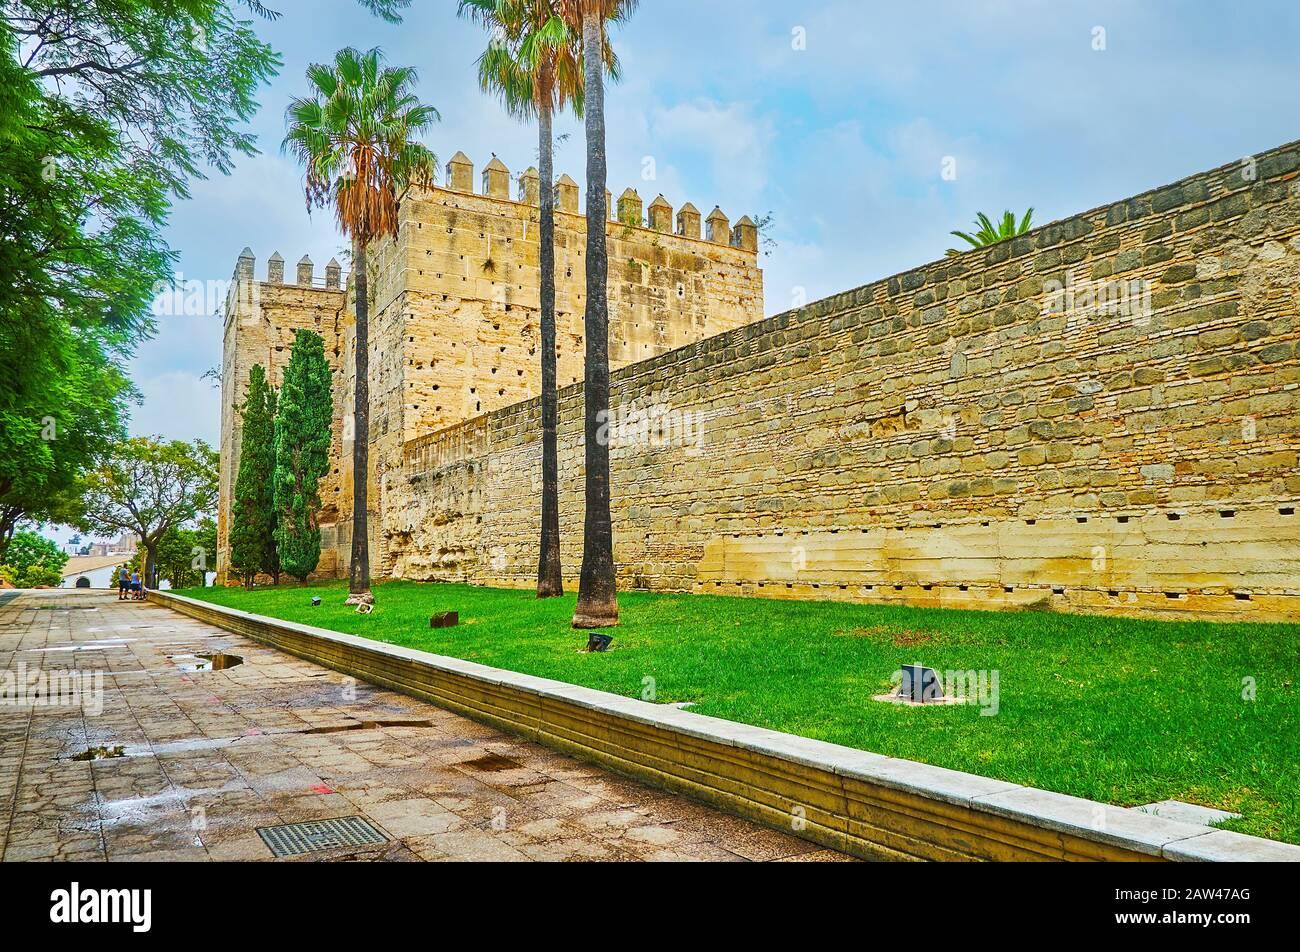 Extérieur de la forteresse Alcazar, qui est l'un des principaux monuments de la ville et symboles historiques de Jerez, en Espagne Banque D'Images